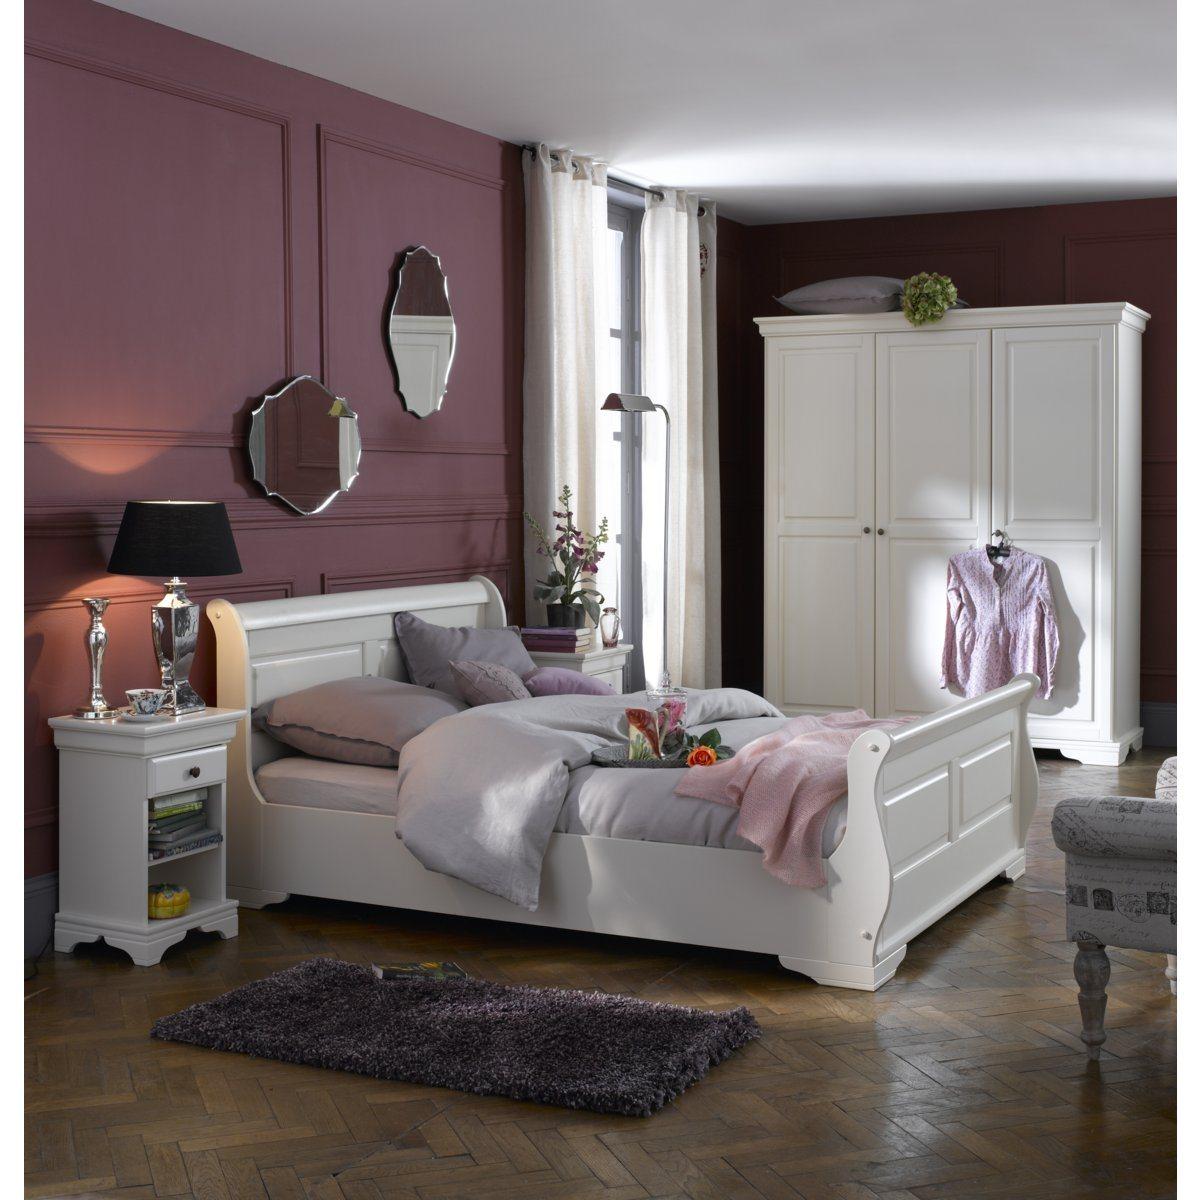 La Chambre Literie Couleurs Mobilier Canape Deco